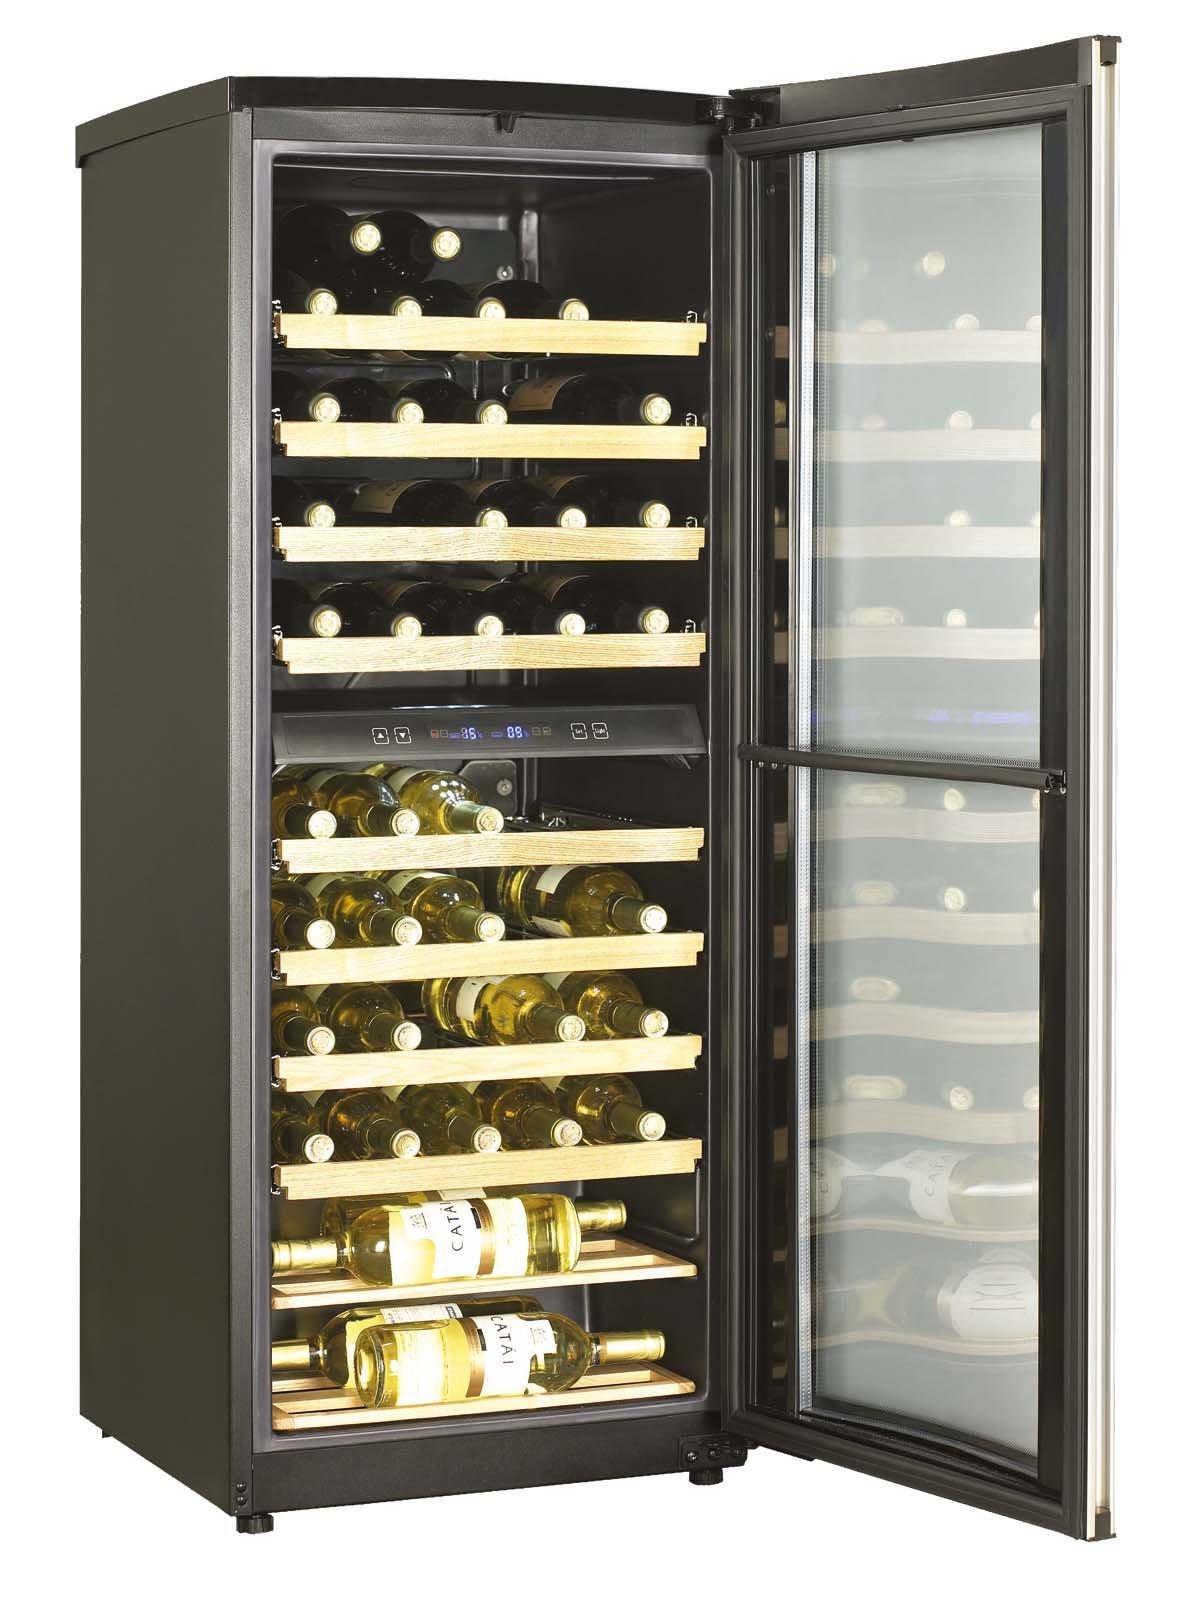 le cantinette per conservare bene il vino cose di casa. Black Bedroom Furniture Sets. Home Design Ideas